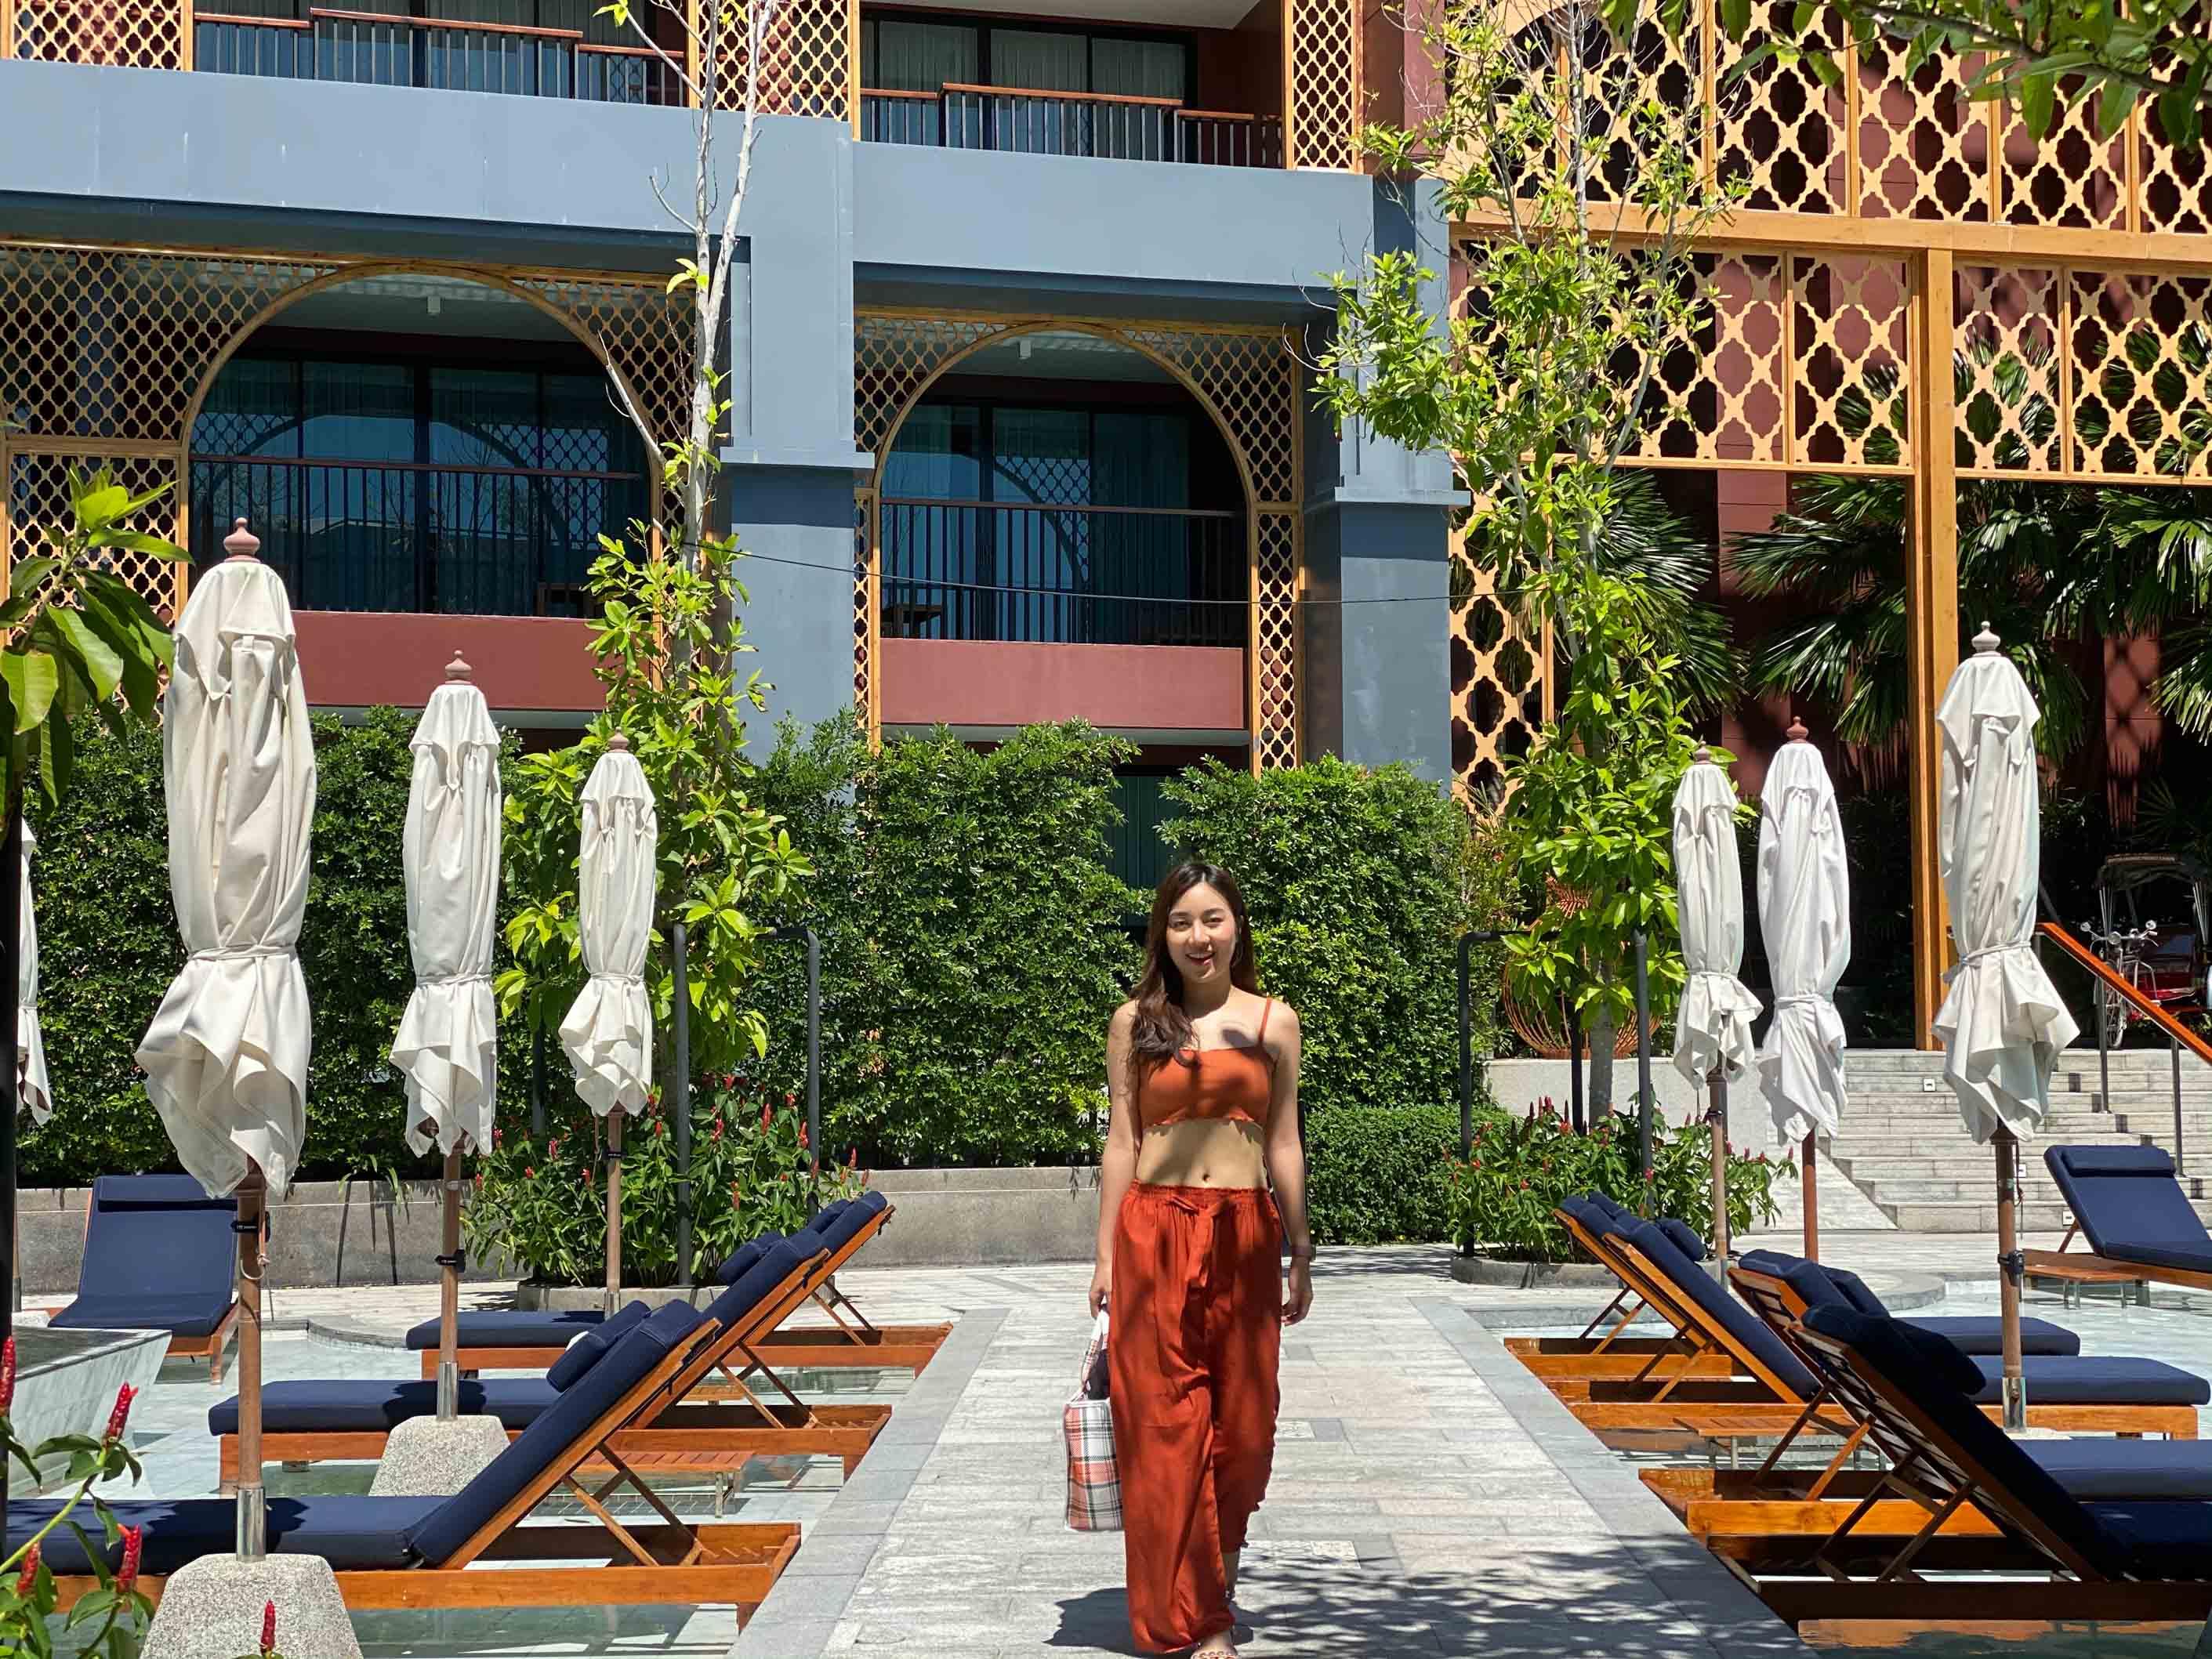 ที่พักออกแบบสวยๆ-สีน้ำเงินเข้ม-ปนสีน้ำตาล ถ้าลองดูการคุมโทนของโรงแรมจะเป็นสีนี้เลยครับ-บอกเลยว่าสวยงามมากก-ของจริงคือแบบเอ้อ-สีนี้สะดุดตาจริงๆเลยนะ avista,grande,phuket,karon,ที่พักภูเก็ต